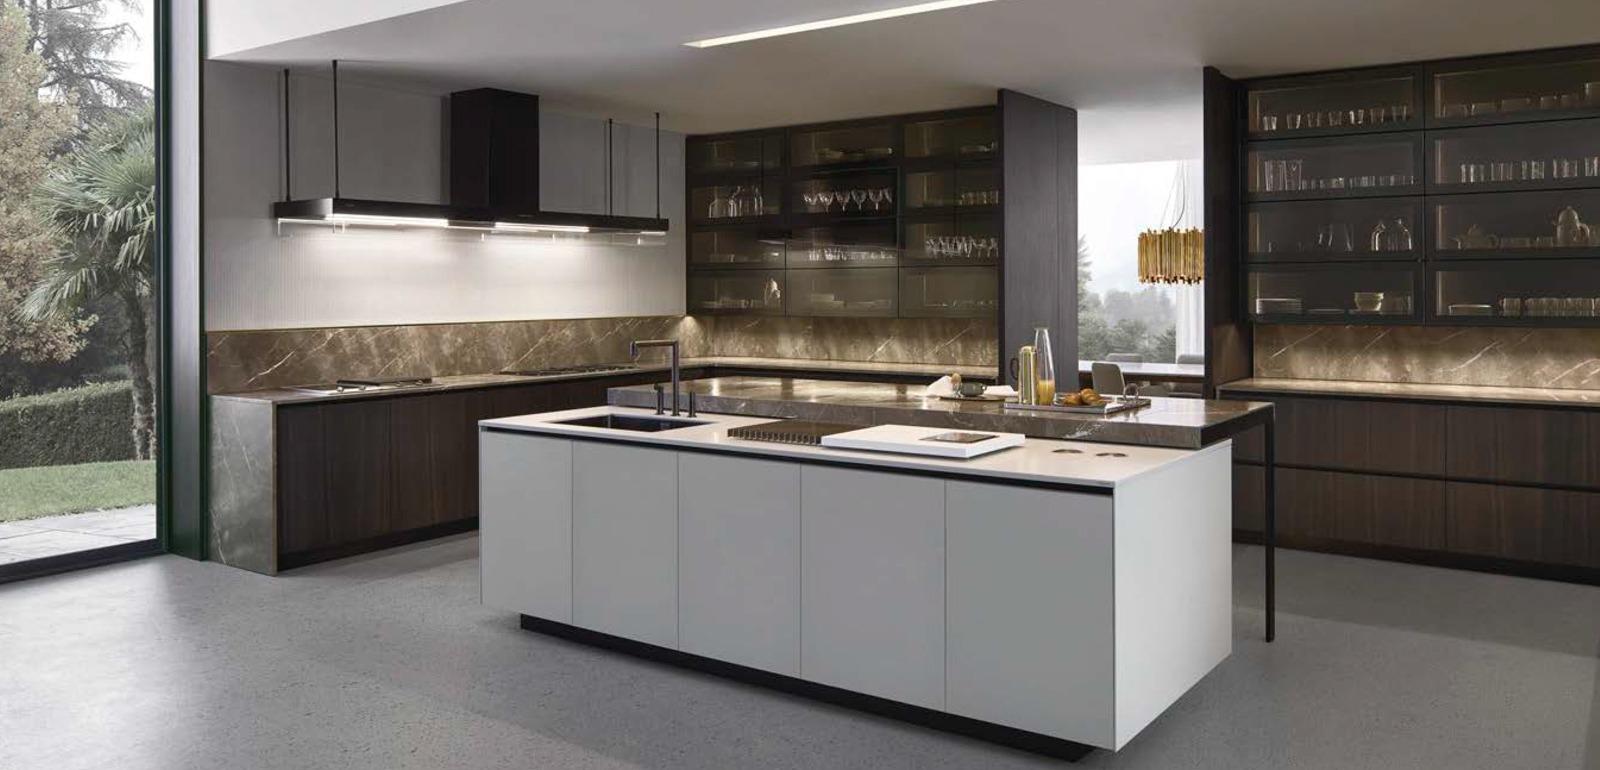 Cuisine Poliform Varenna, design, moderne, meuble de cuisine - Silvera